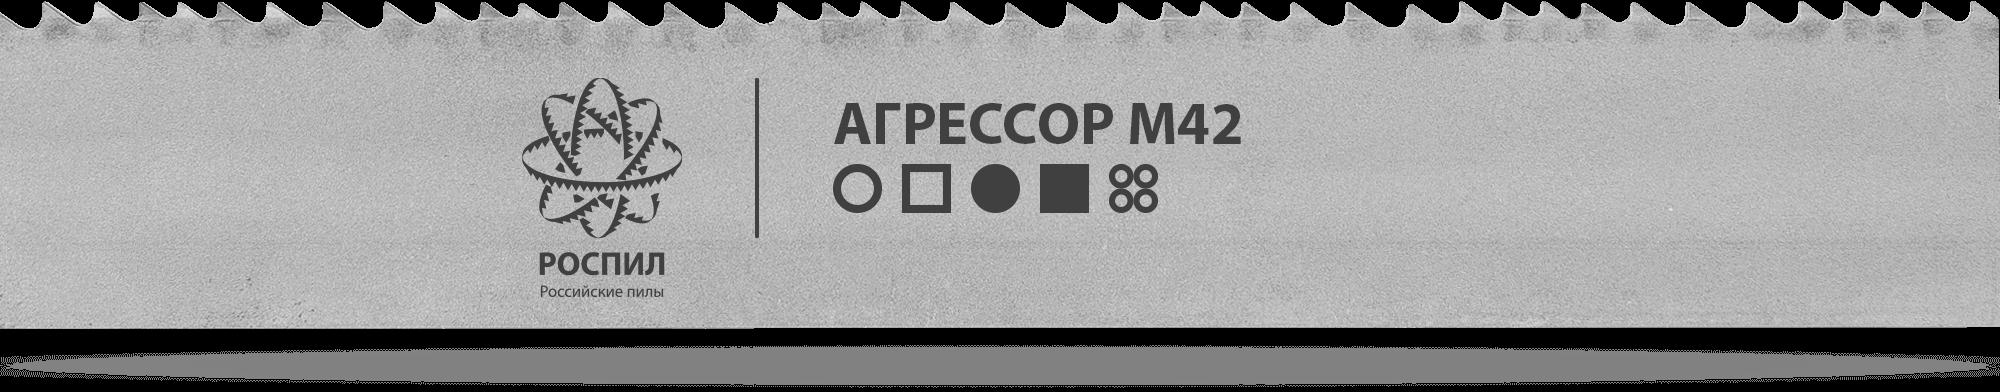 РОСПИЛ АГРЕССОР М42